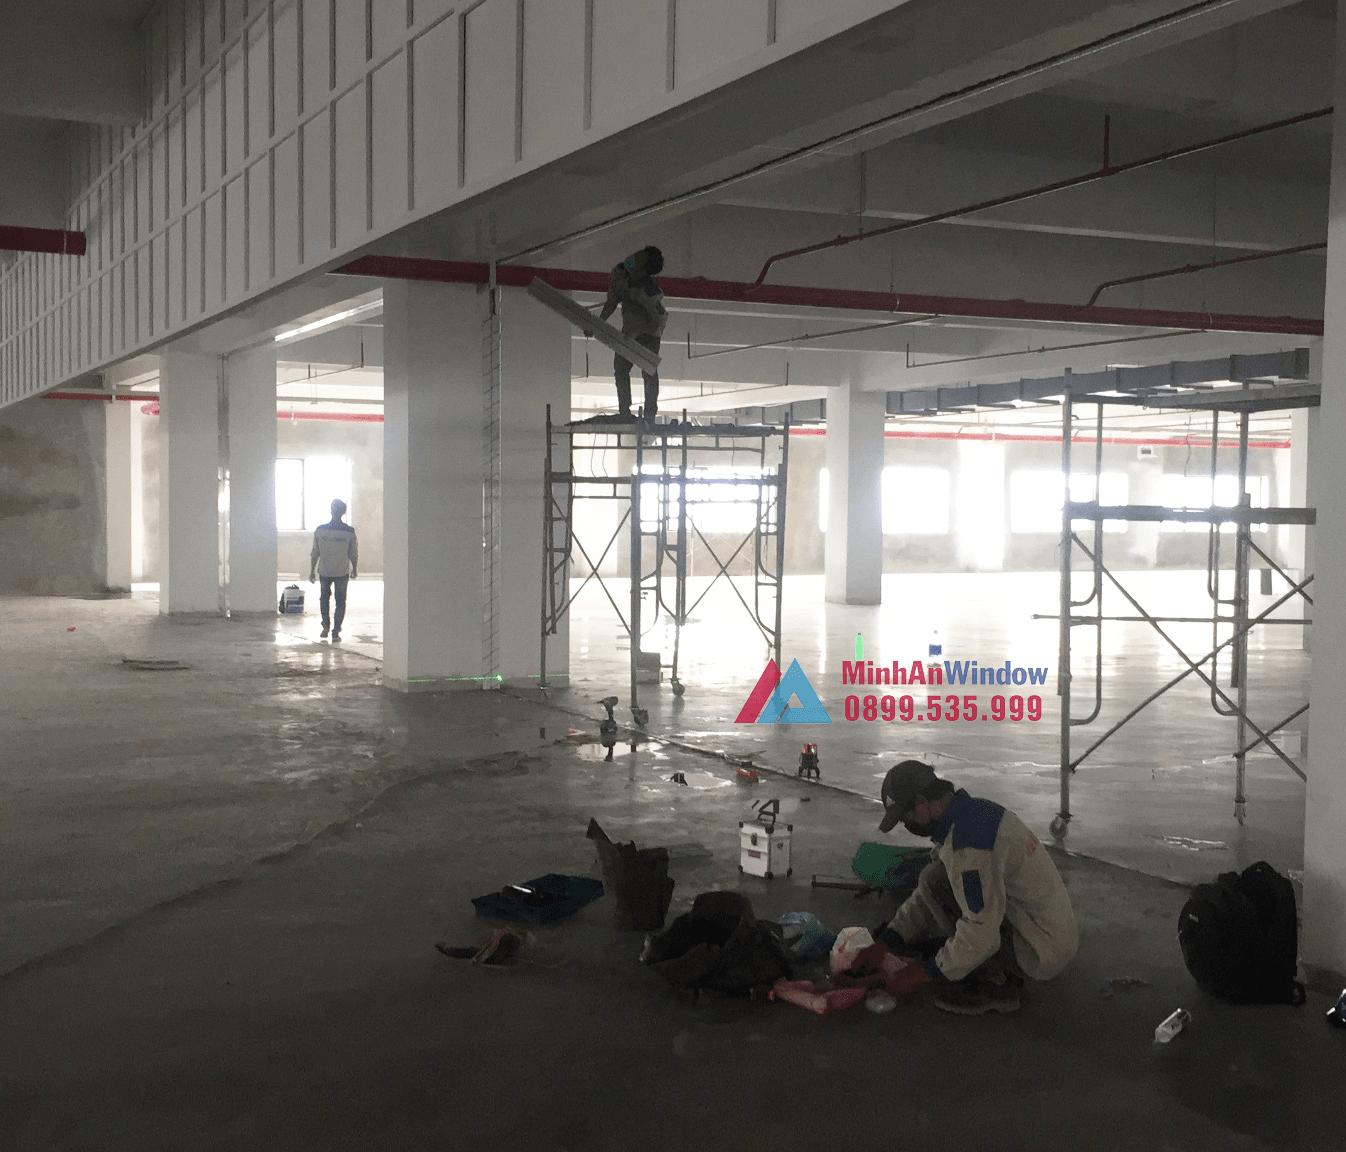 Công trình cửa nhôm kính tại KCN Thạch Thất - Hà Nội do Minh An Window lắp đặt